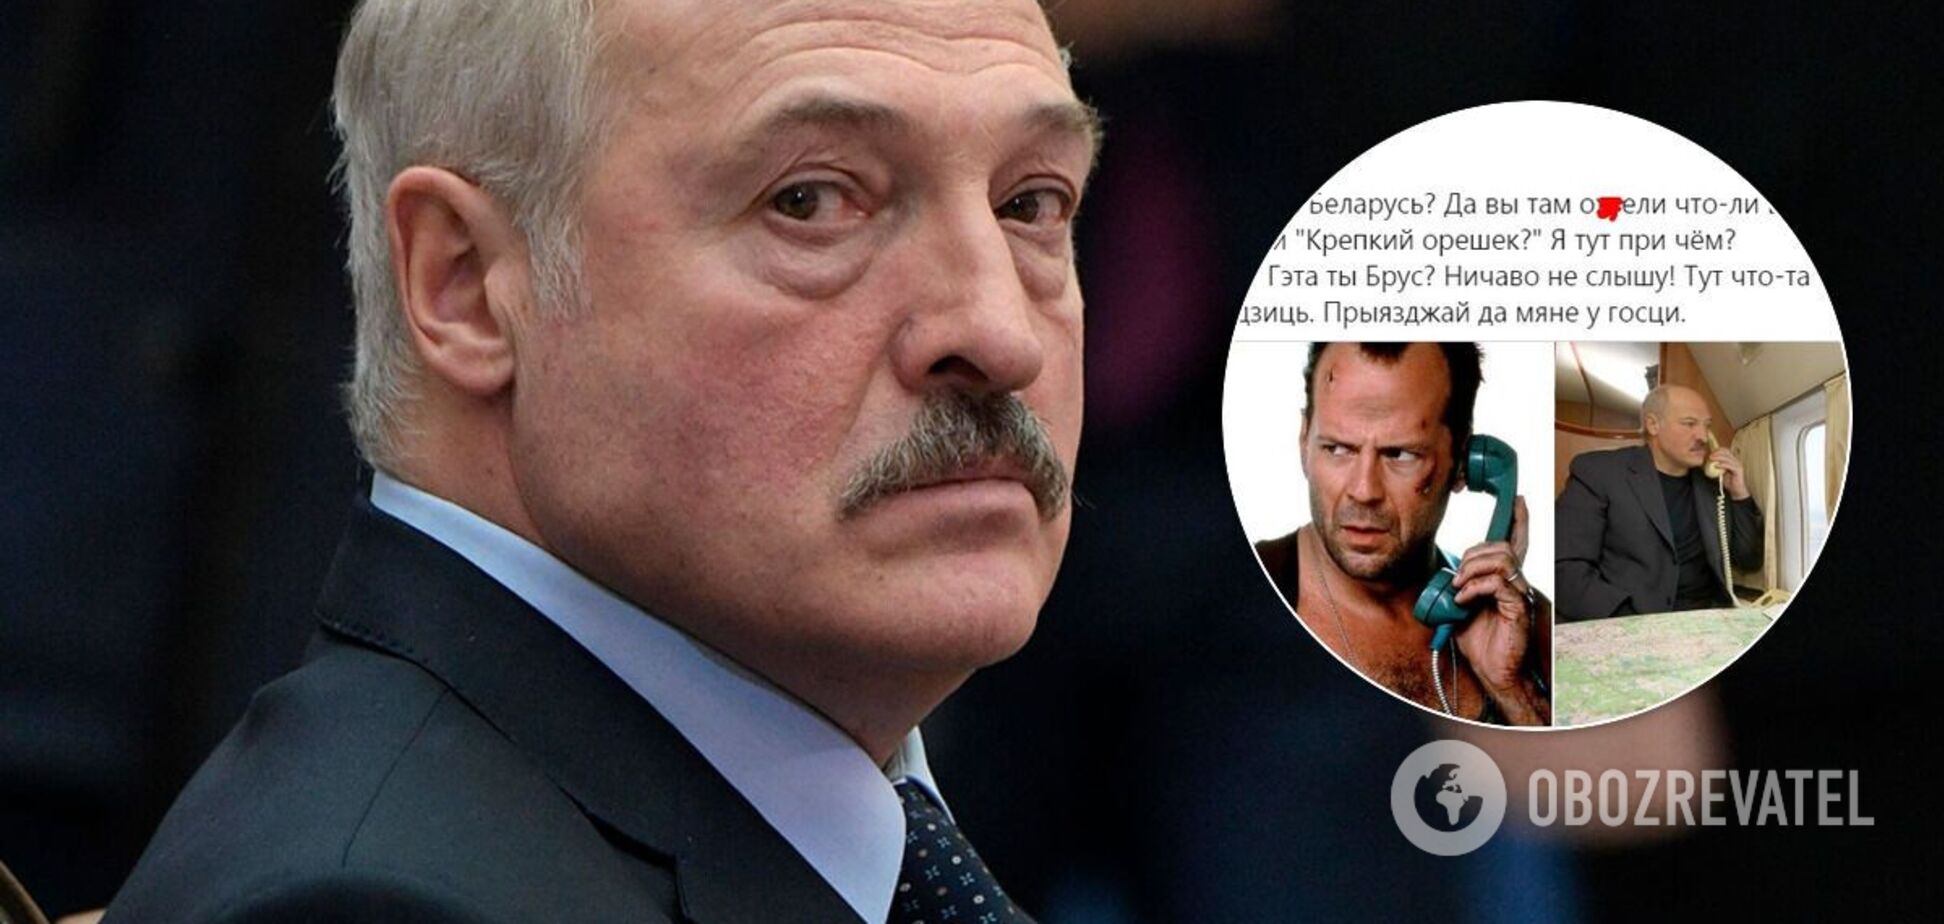 В сети высмеяли фразу о Лукашенко – ''крепком орешке''